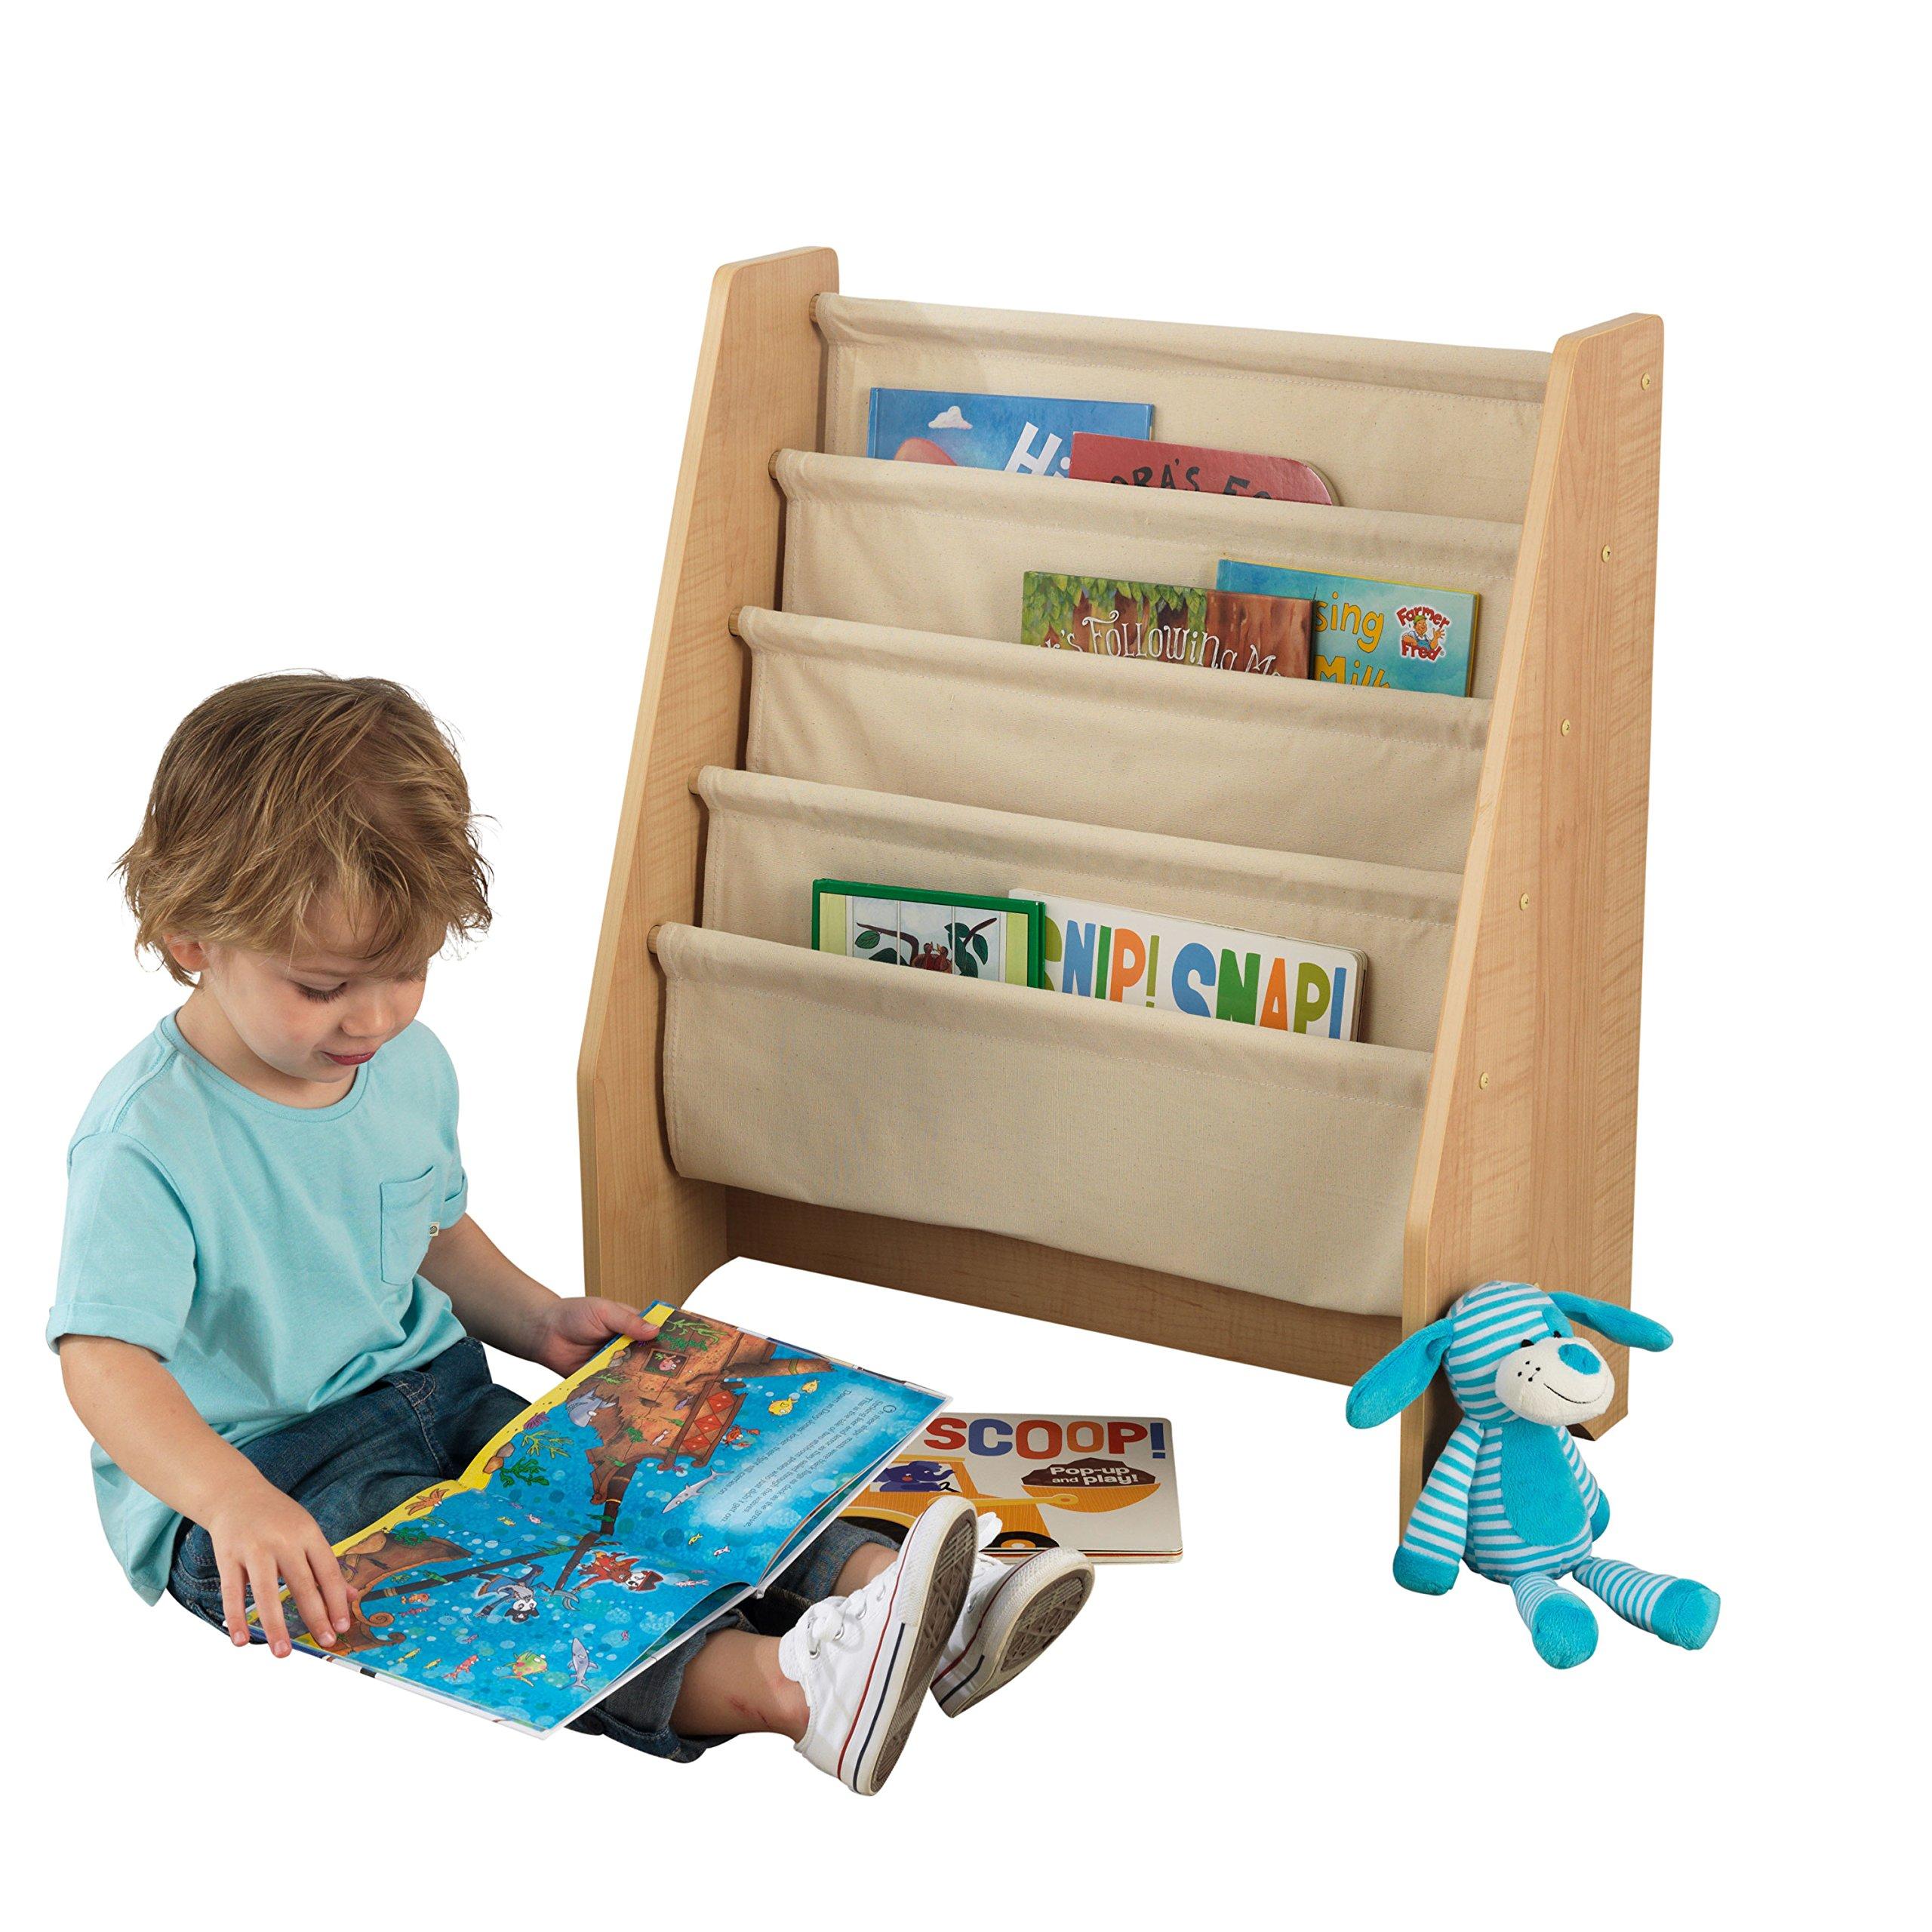 KidKraft 14221 Libreria in Legno e Tessuto, Mobili per Camera da Letto e  Sala Giochi per Bambini con 4 Tasche Portaoggetti - Colore Naturale